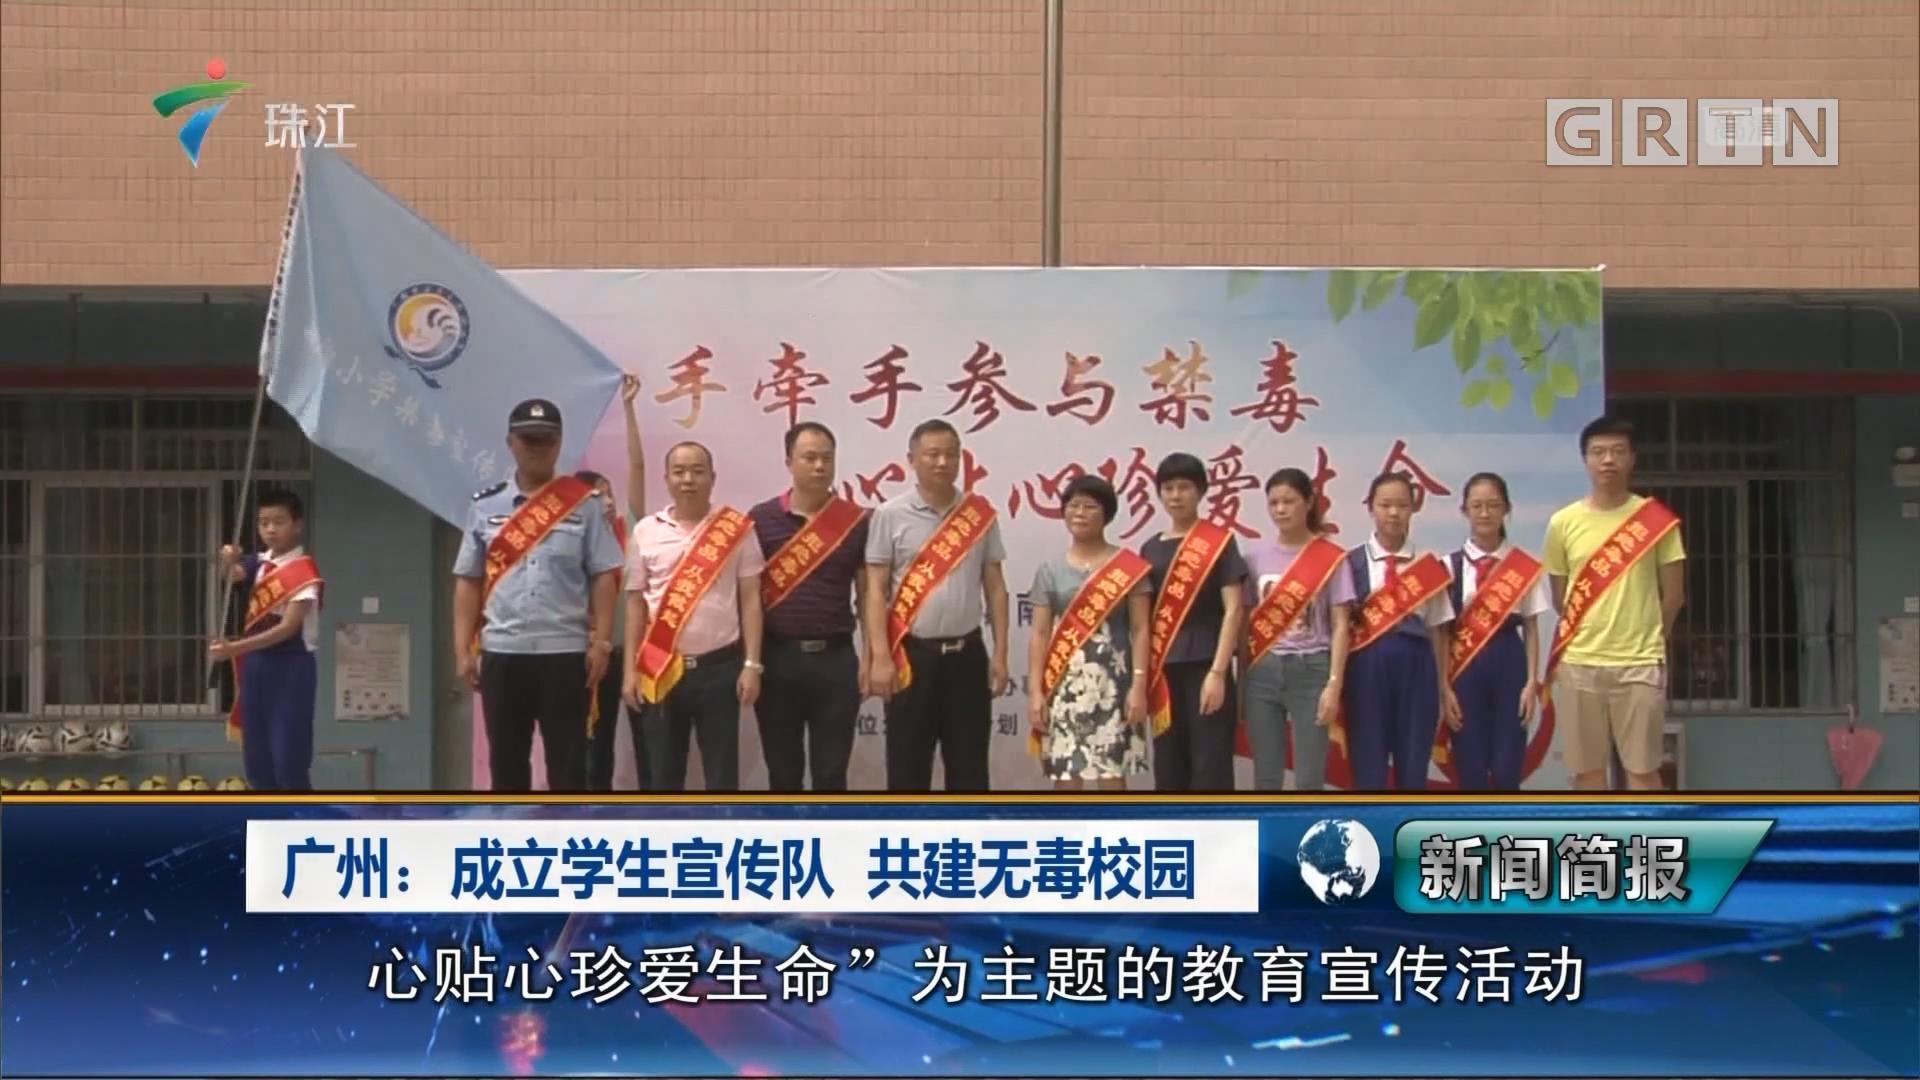 广州:成立学生宣传队 共建无毒校园